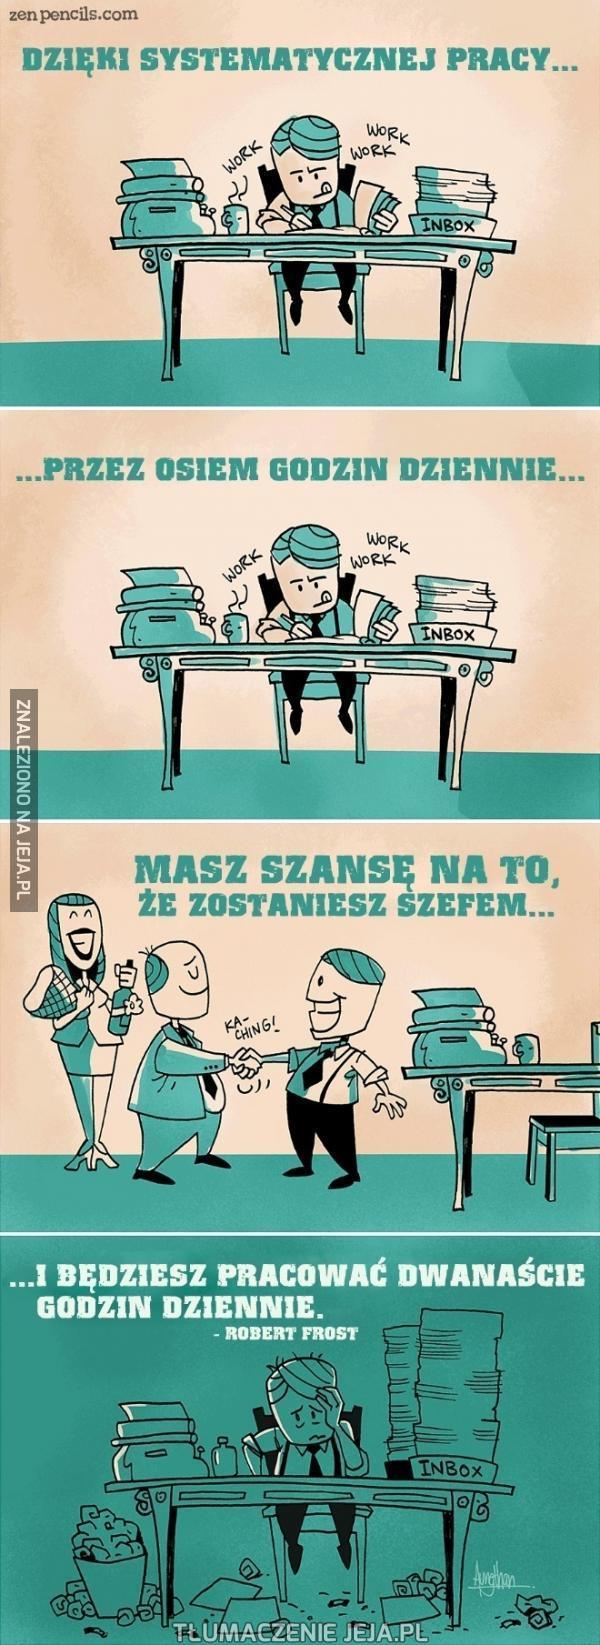 Pracuj, bądź posłuszny...